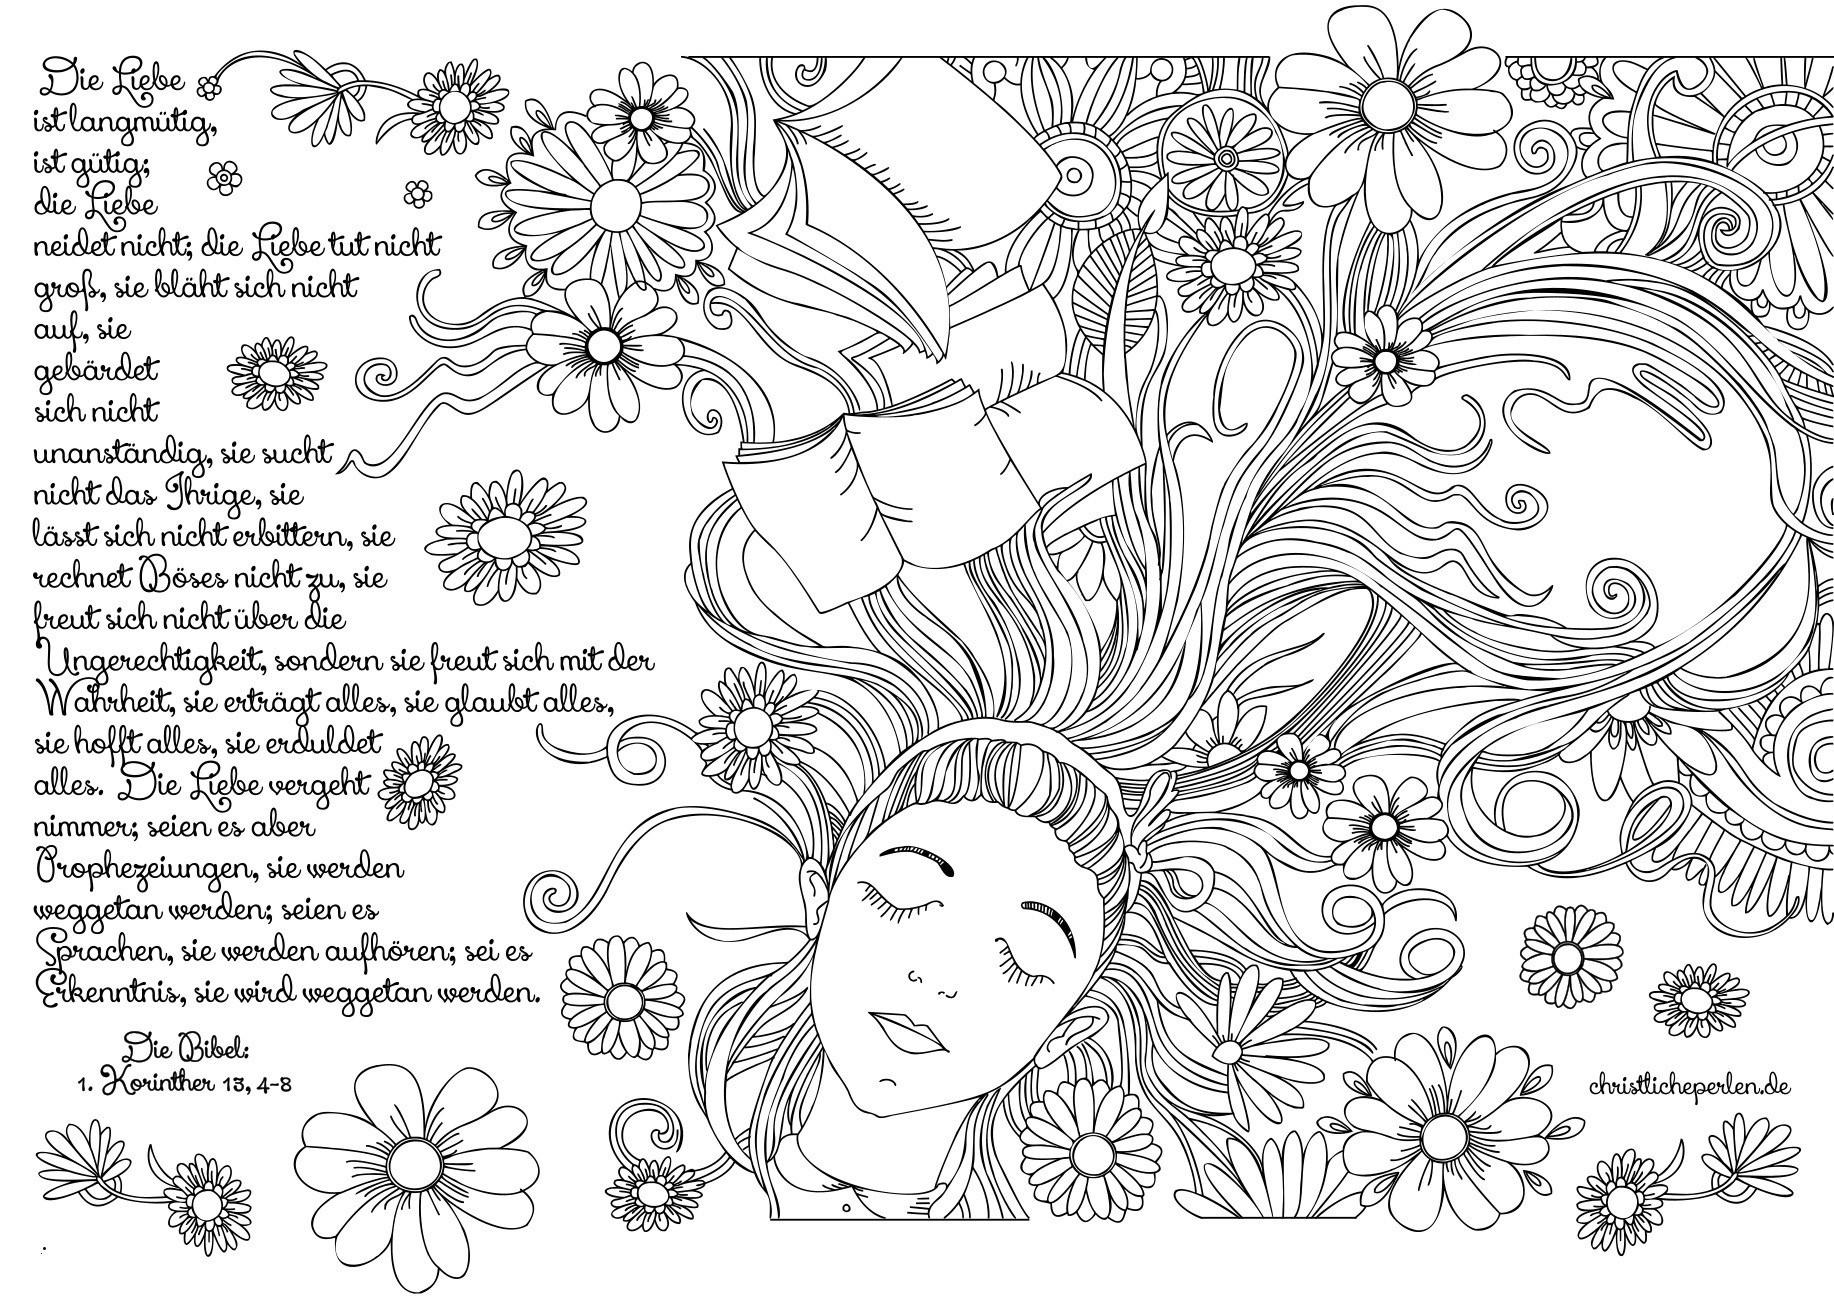 Herbstbild Zum Ausmalen Frisch 40 Entwurf Ausmalbilder Mandala Herbst Treehouse Nyc Galerie